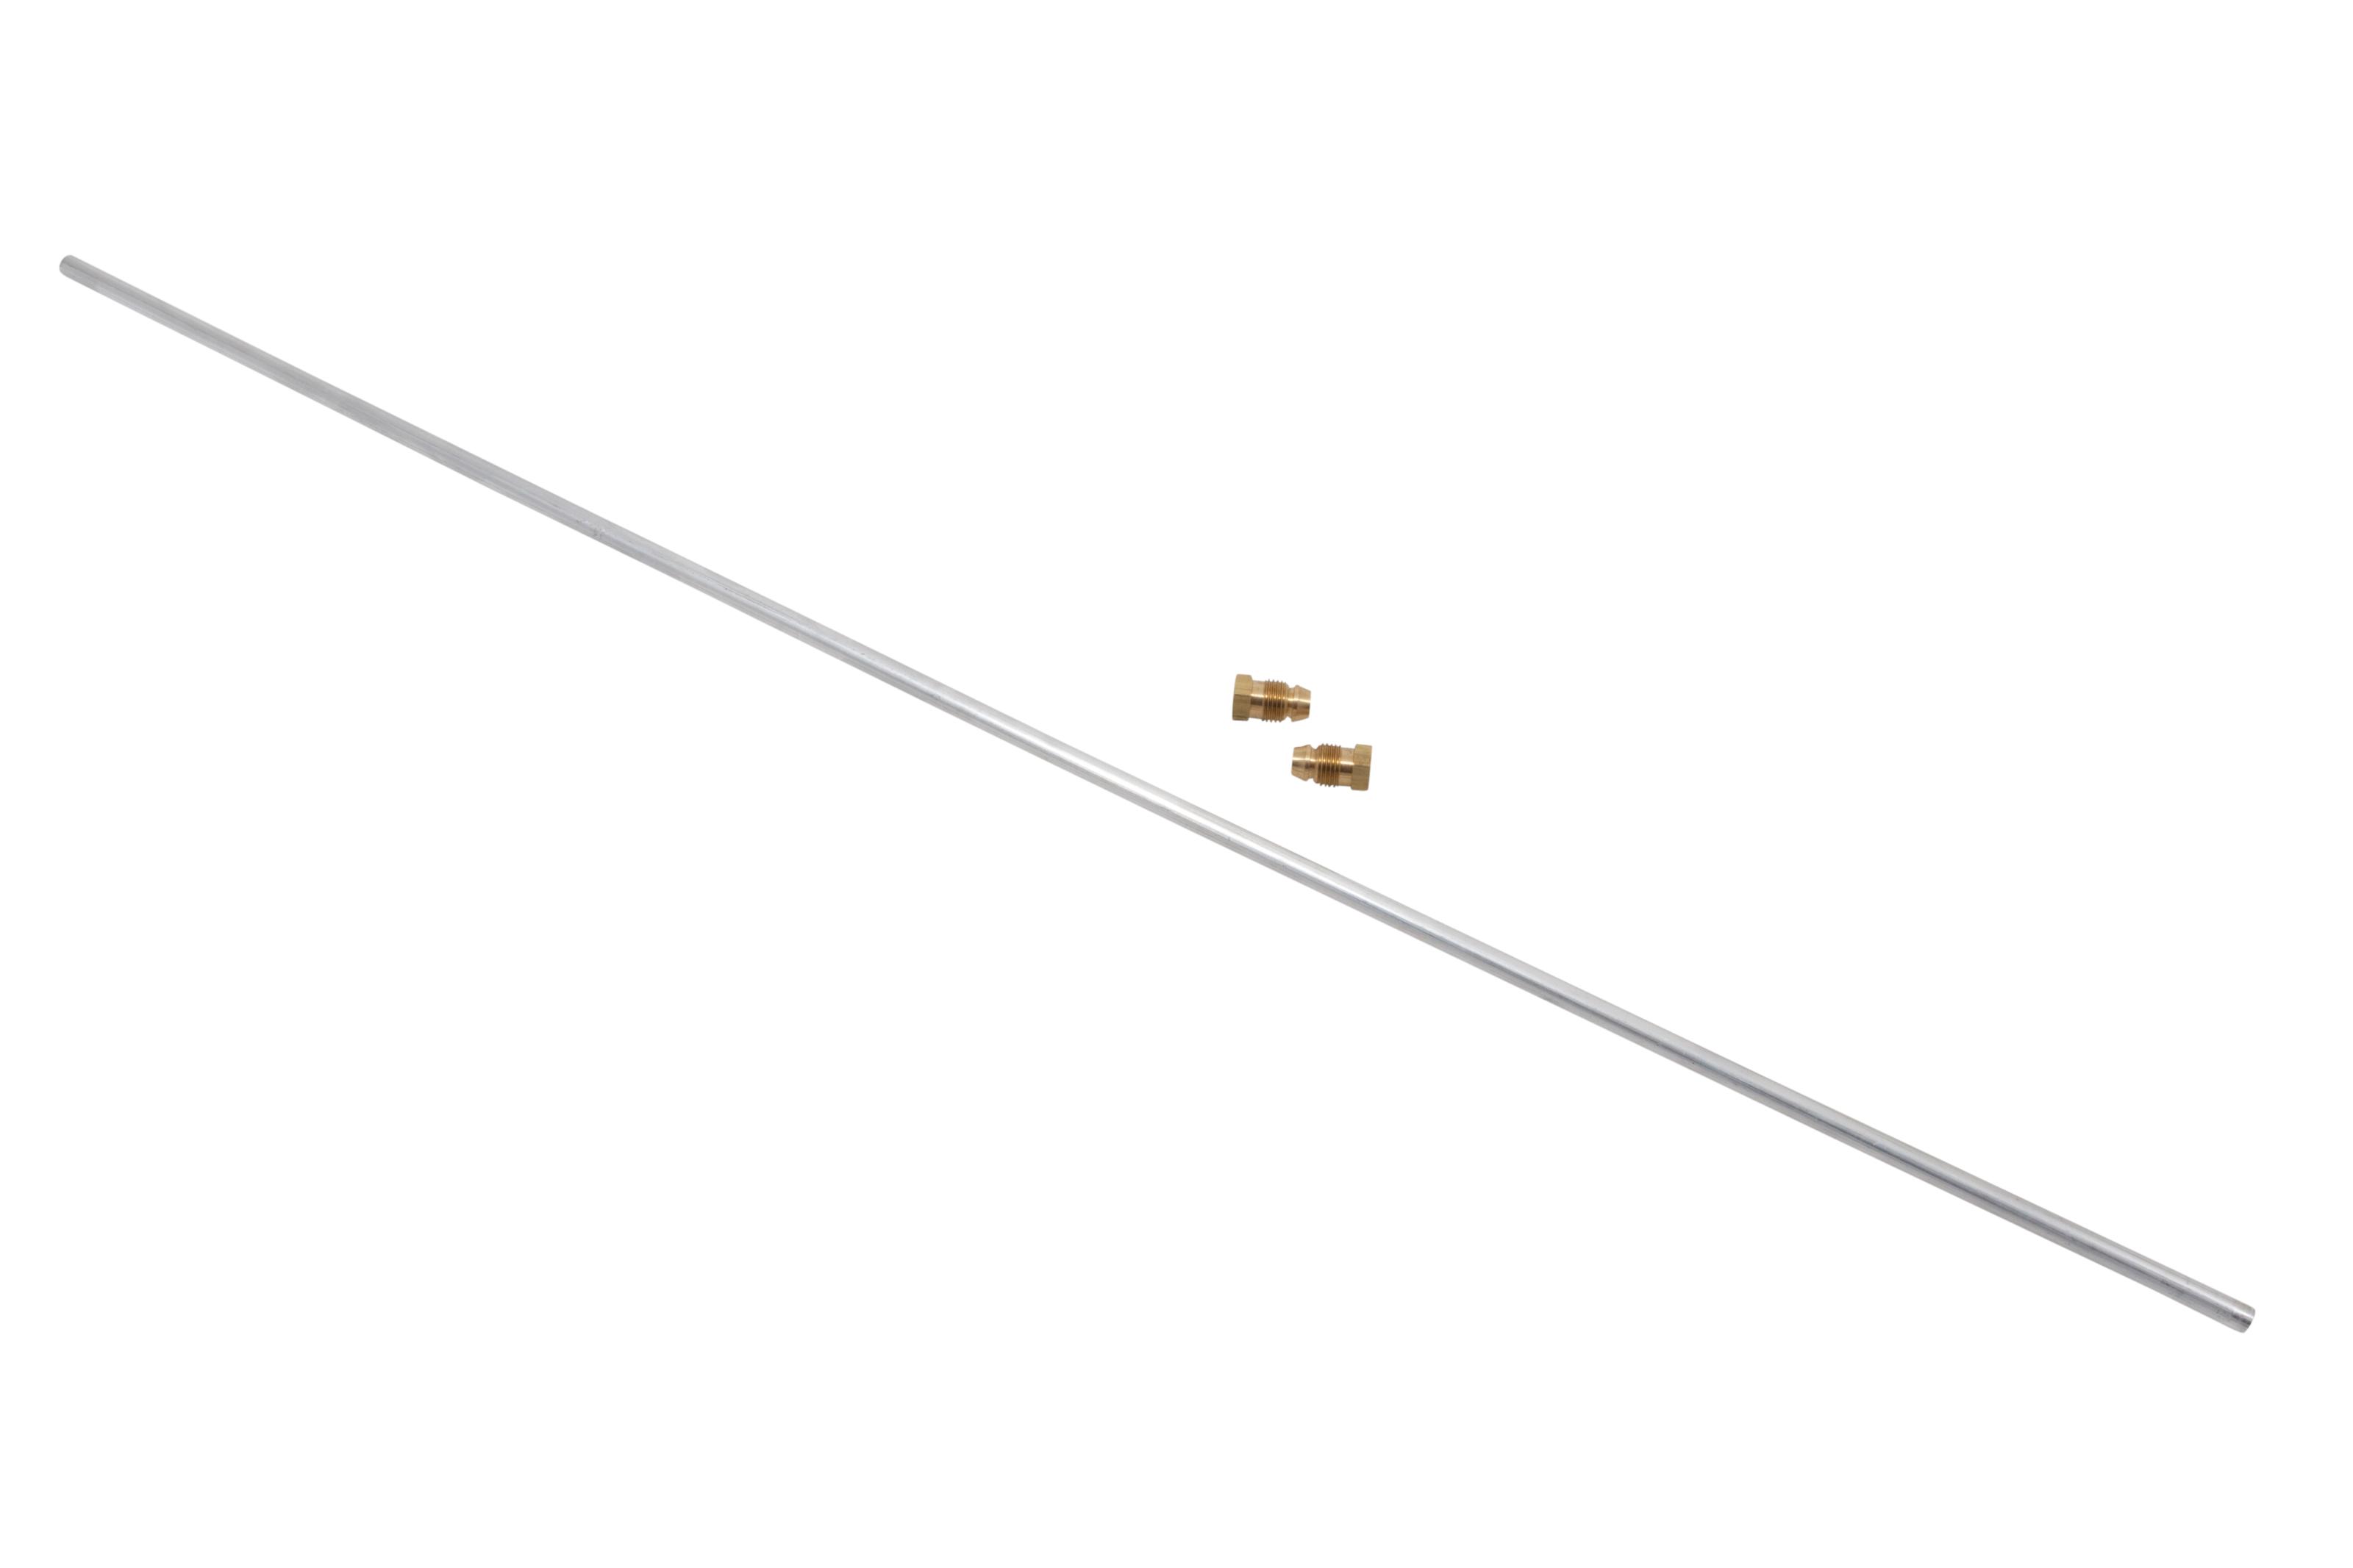 AO Smith 9004473115 KIT PILOT TUBE 1/4